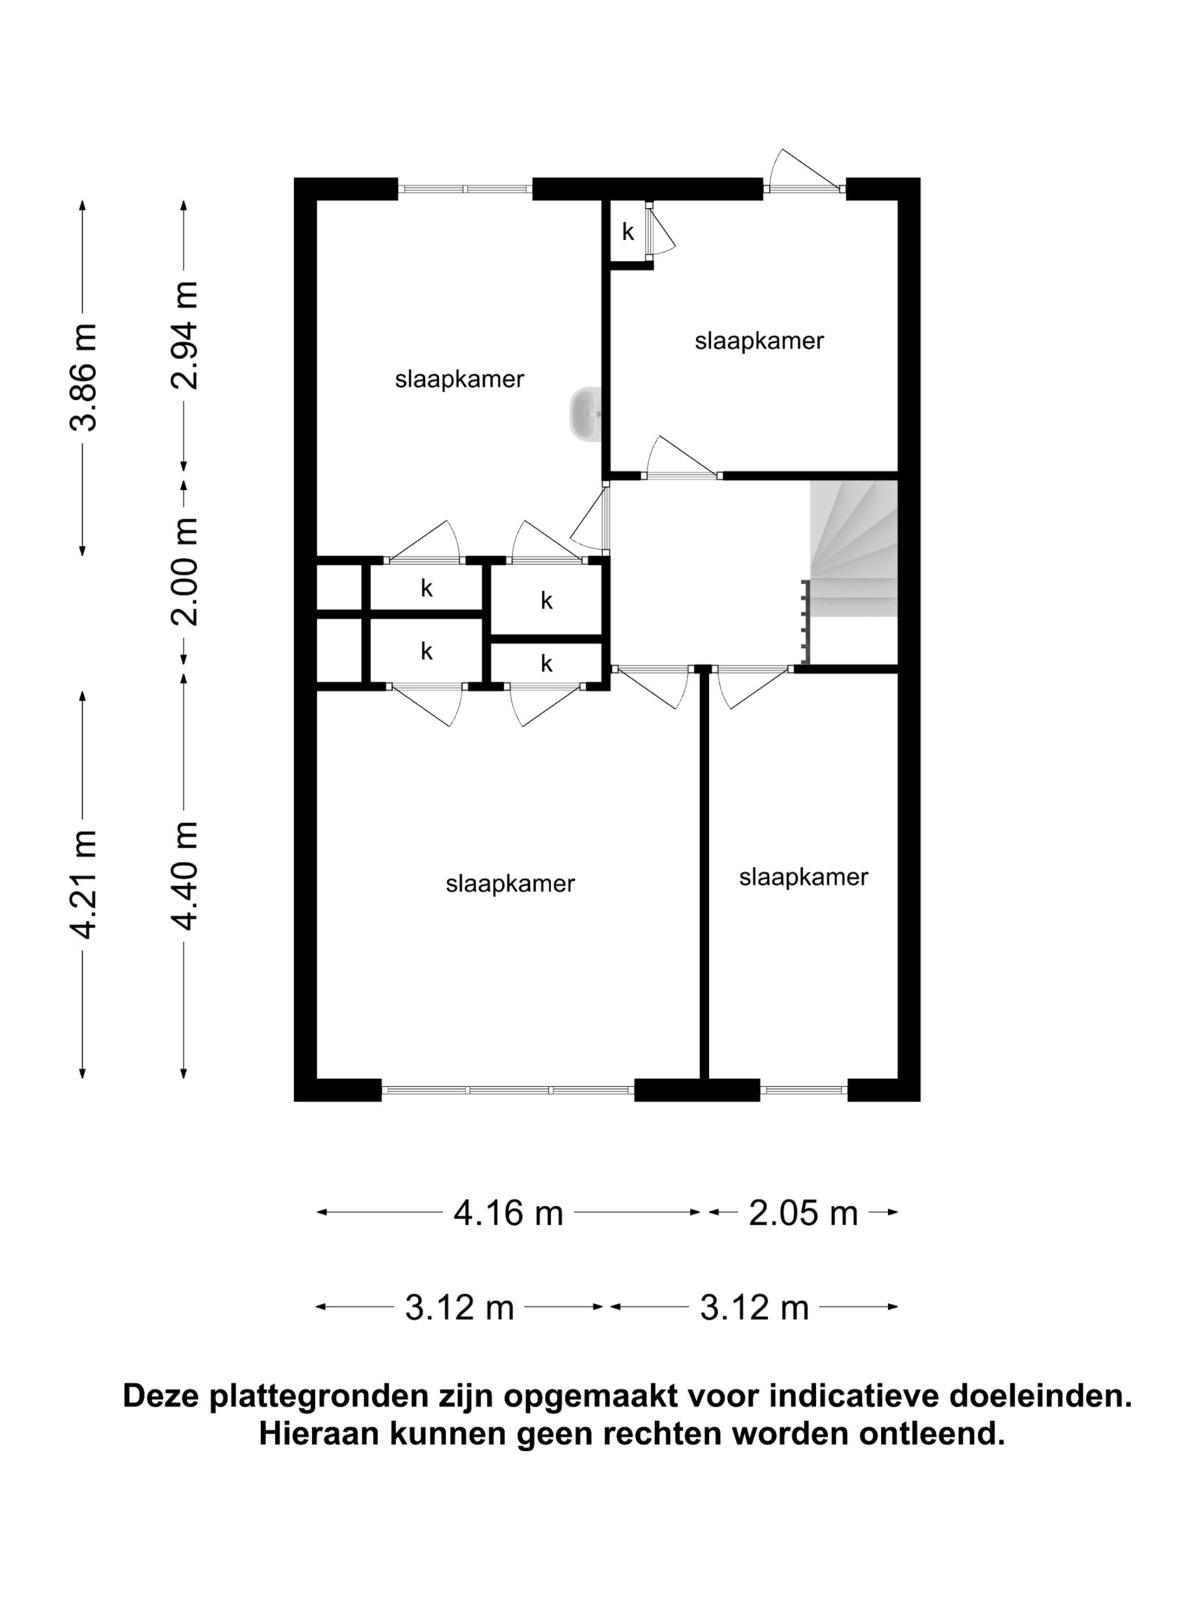 bloemstraat-34-sneek-plattegrond-26